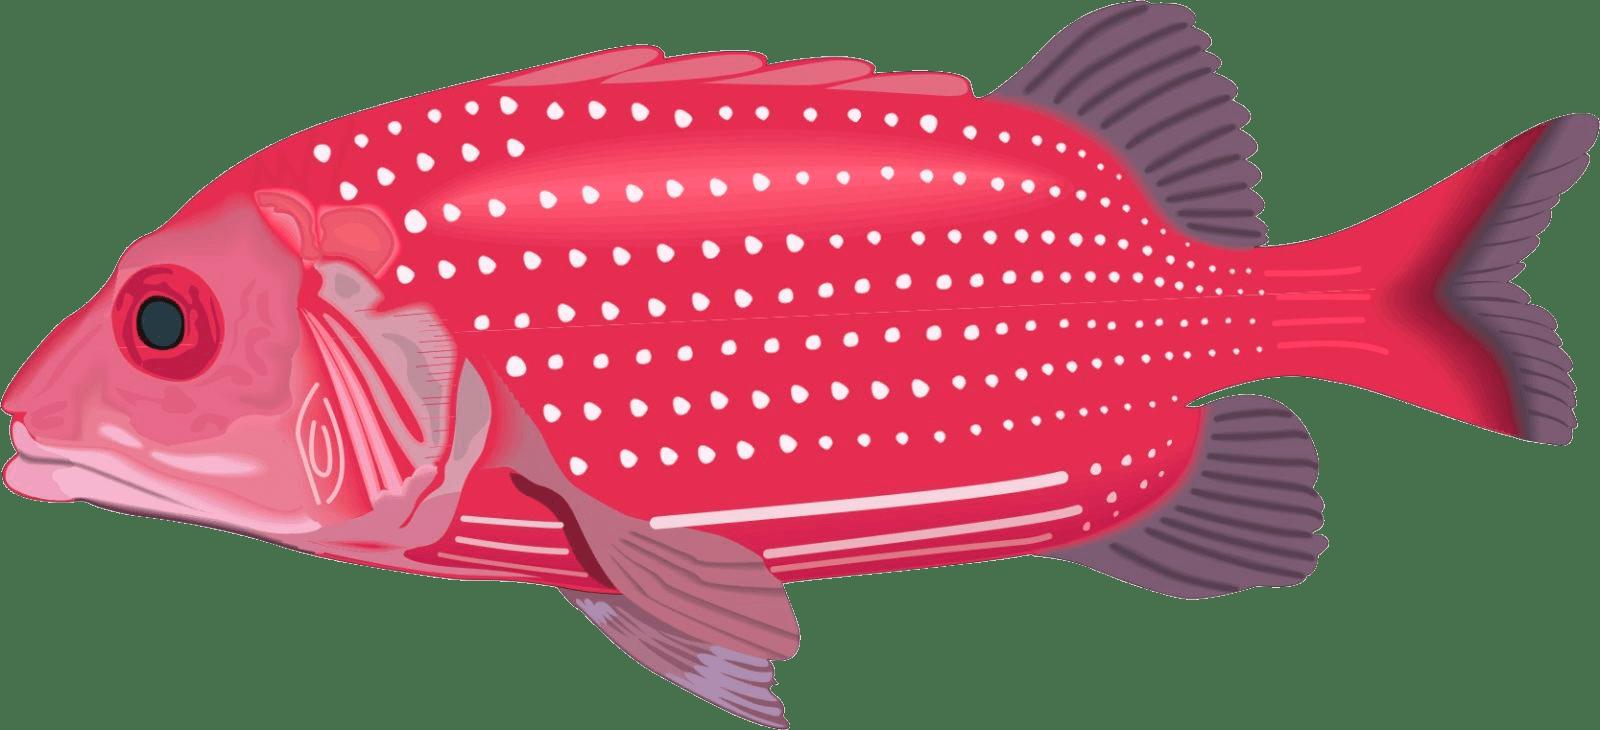 Ilustración de mero